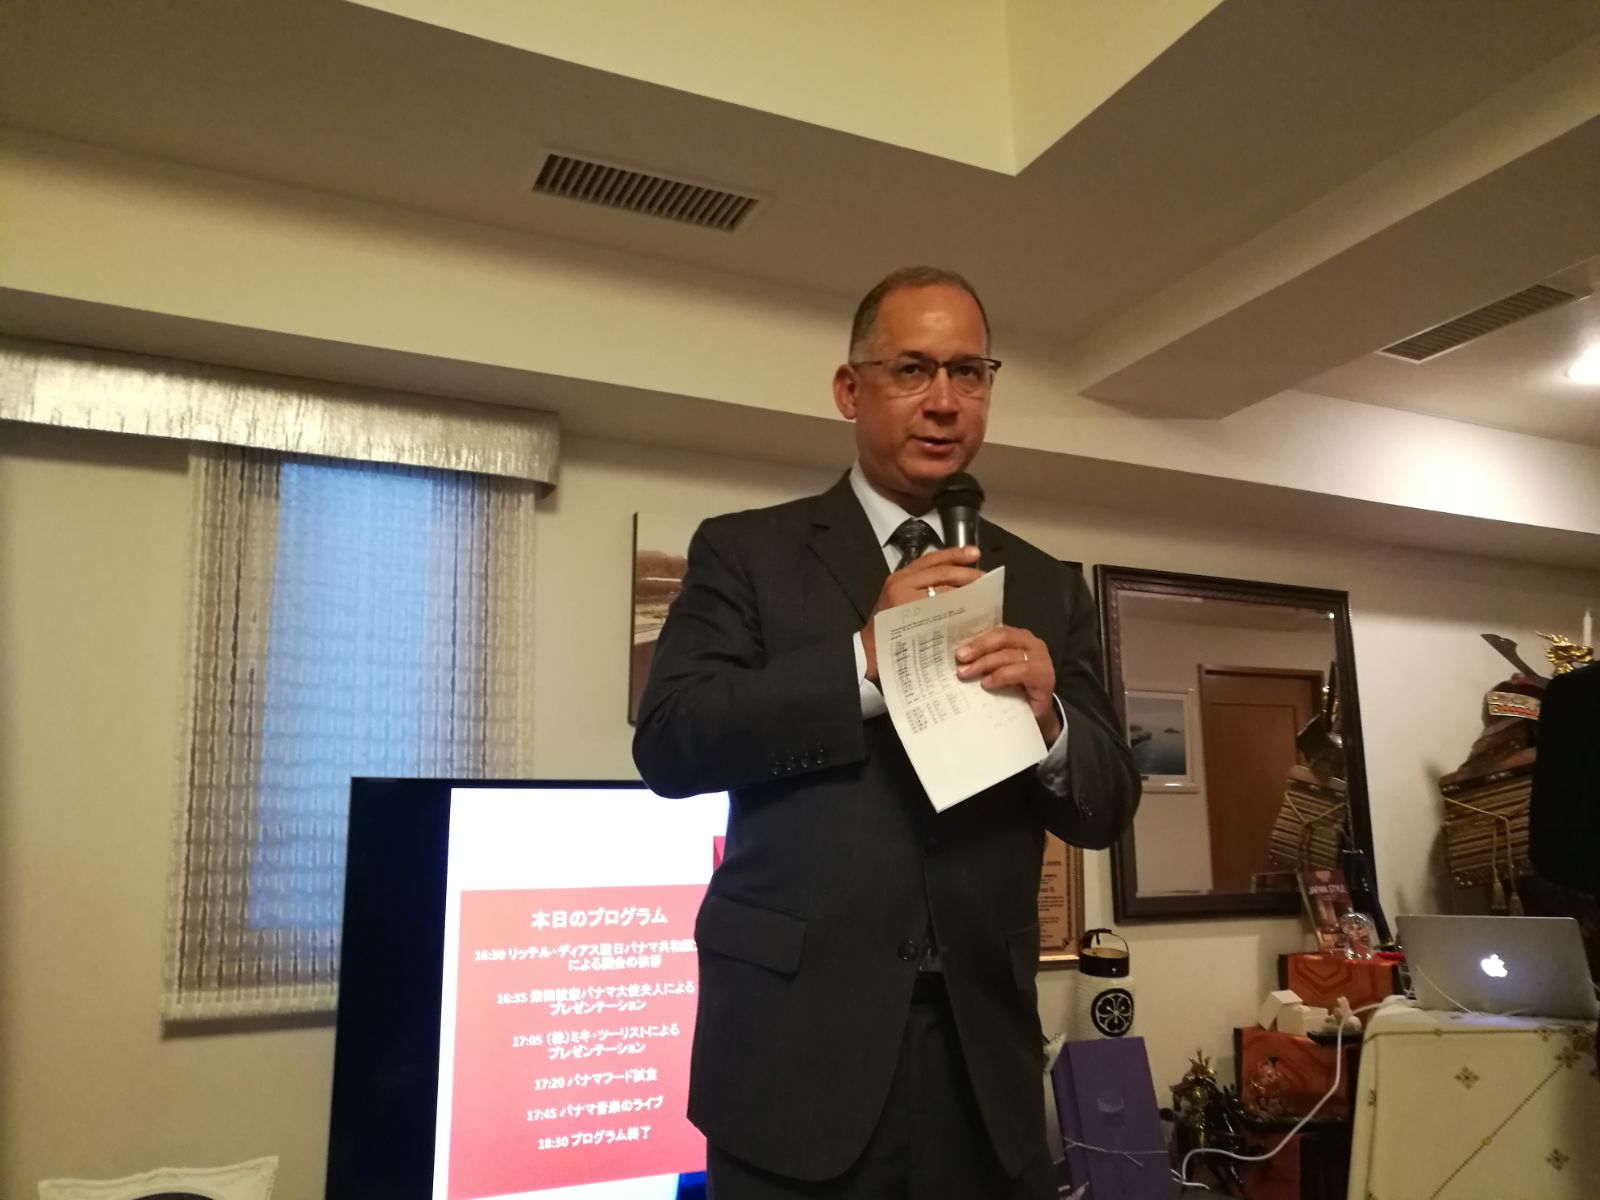 開会の挨拶を述べるリッテル・ディアス駐日パナマ大使